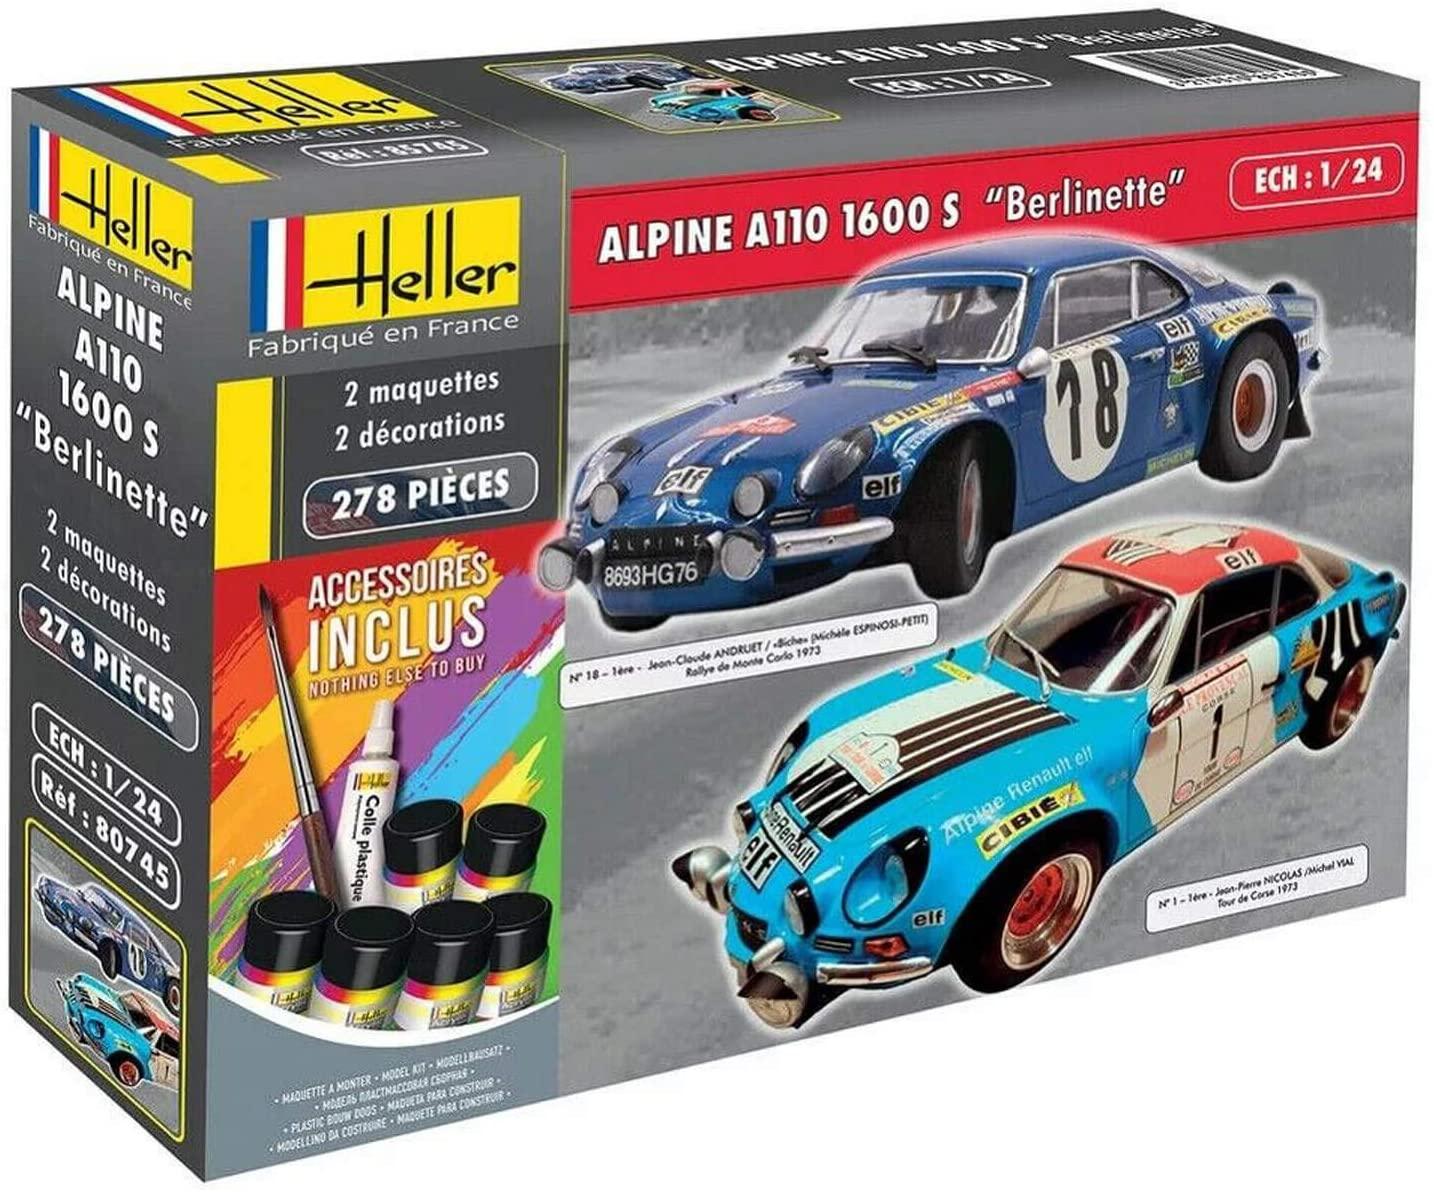 Heller Coffret 2 maquettes Voiture Alpine A110 1600S | 30 idées de cadeaux de Noël pour les passionnés d'Alpine